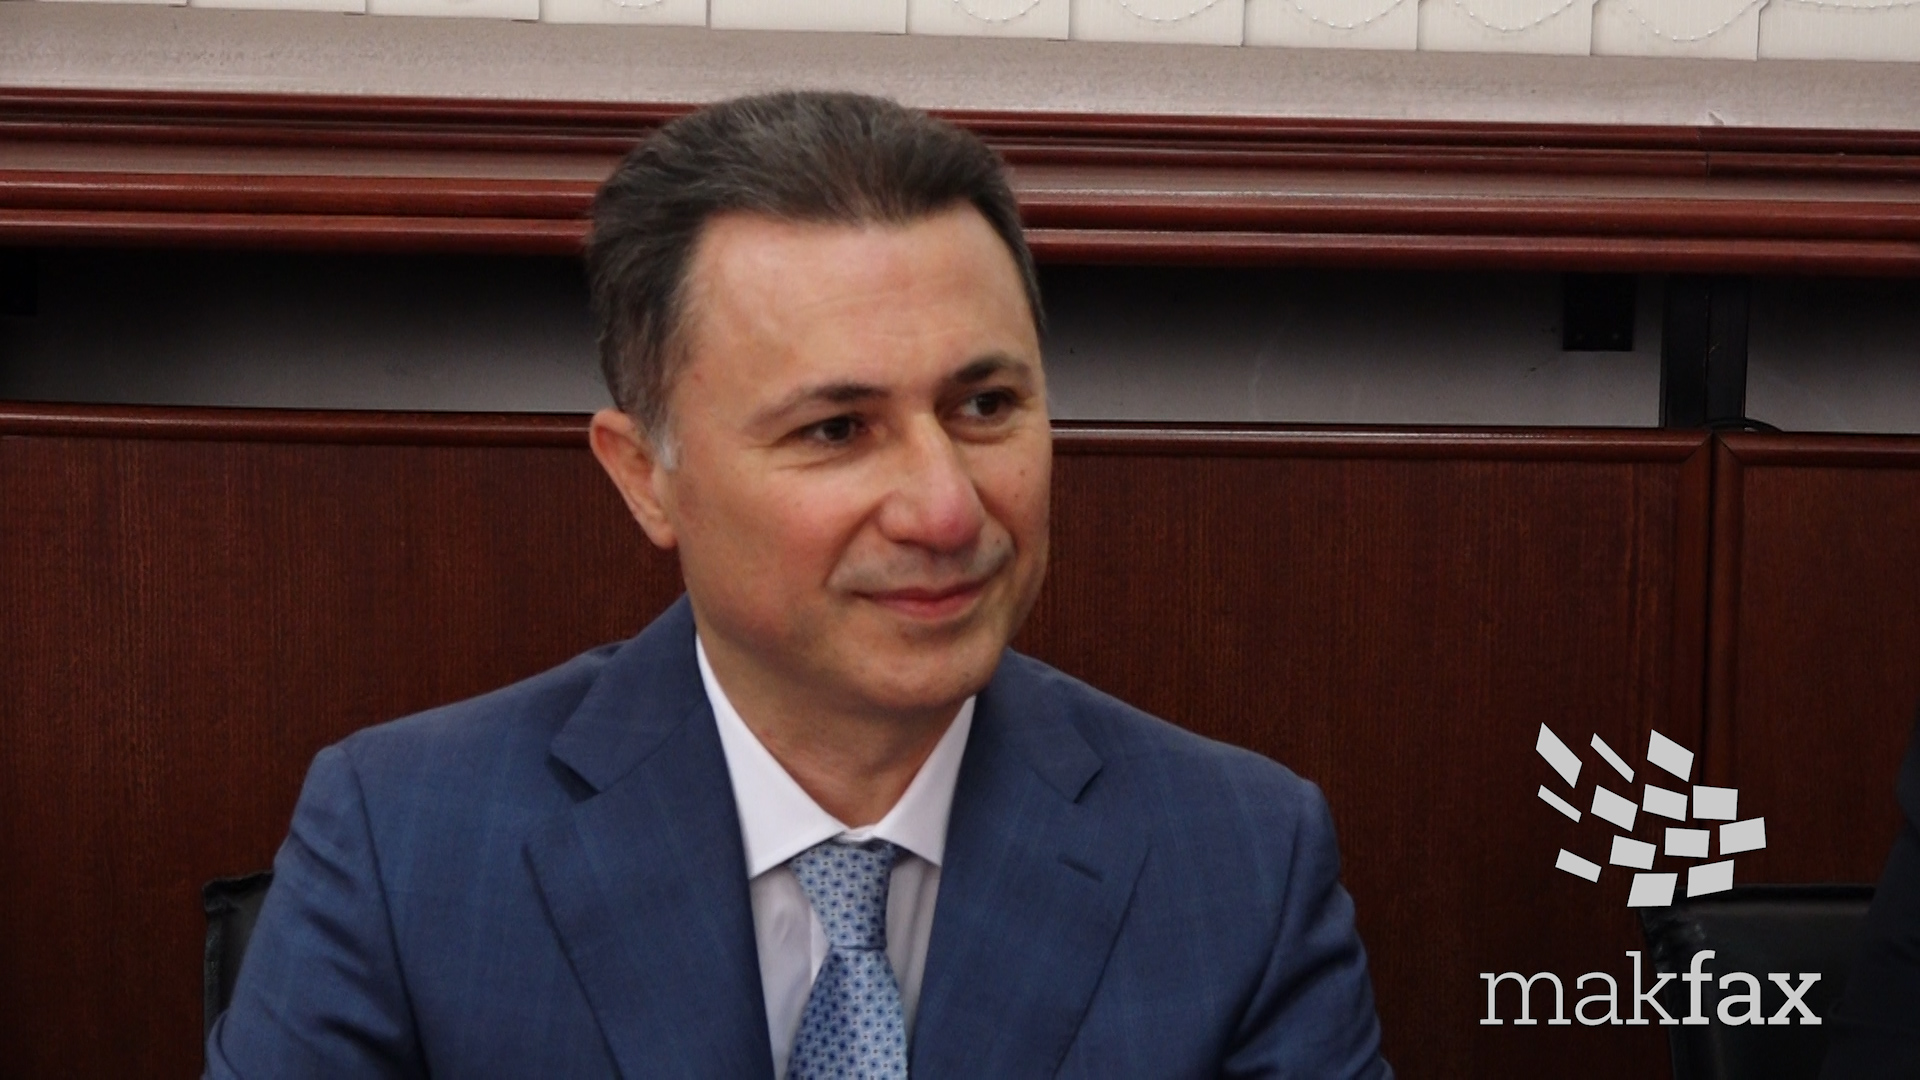 Груевски  Не сум овластил никого од кандидатите за лидер на партијата да се повикува на моја поддршка